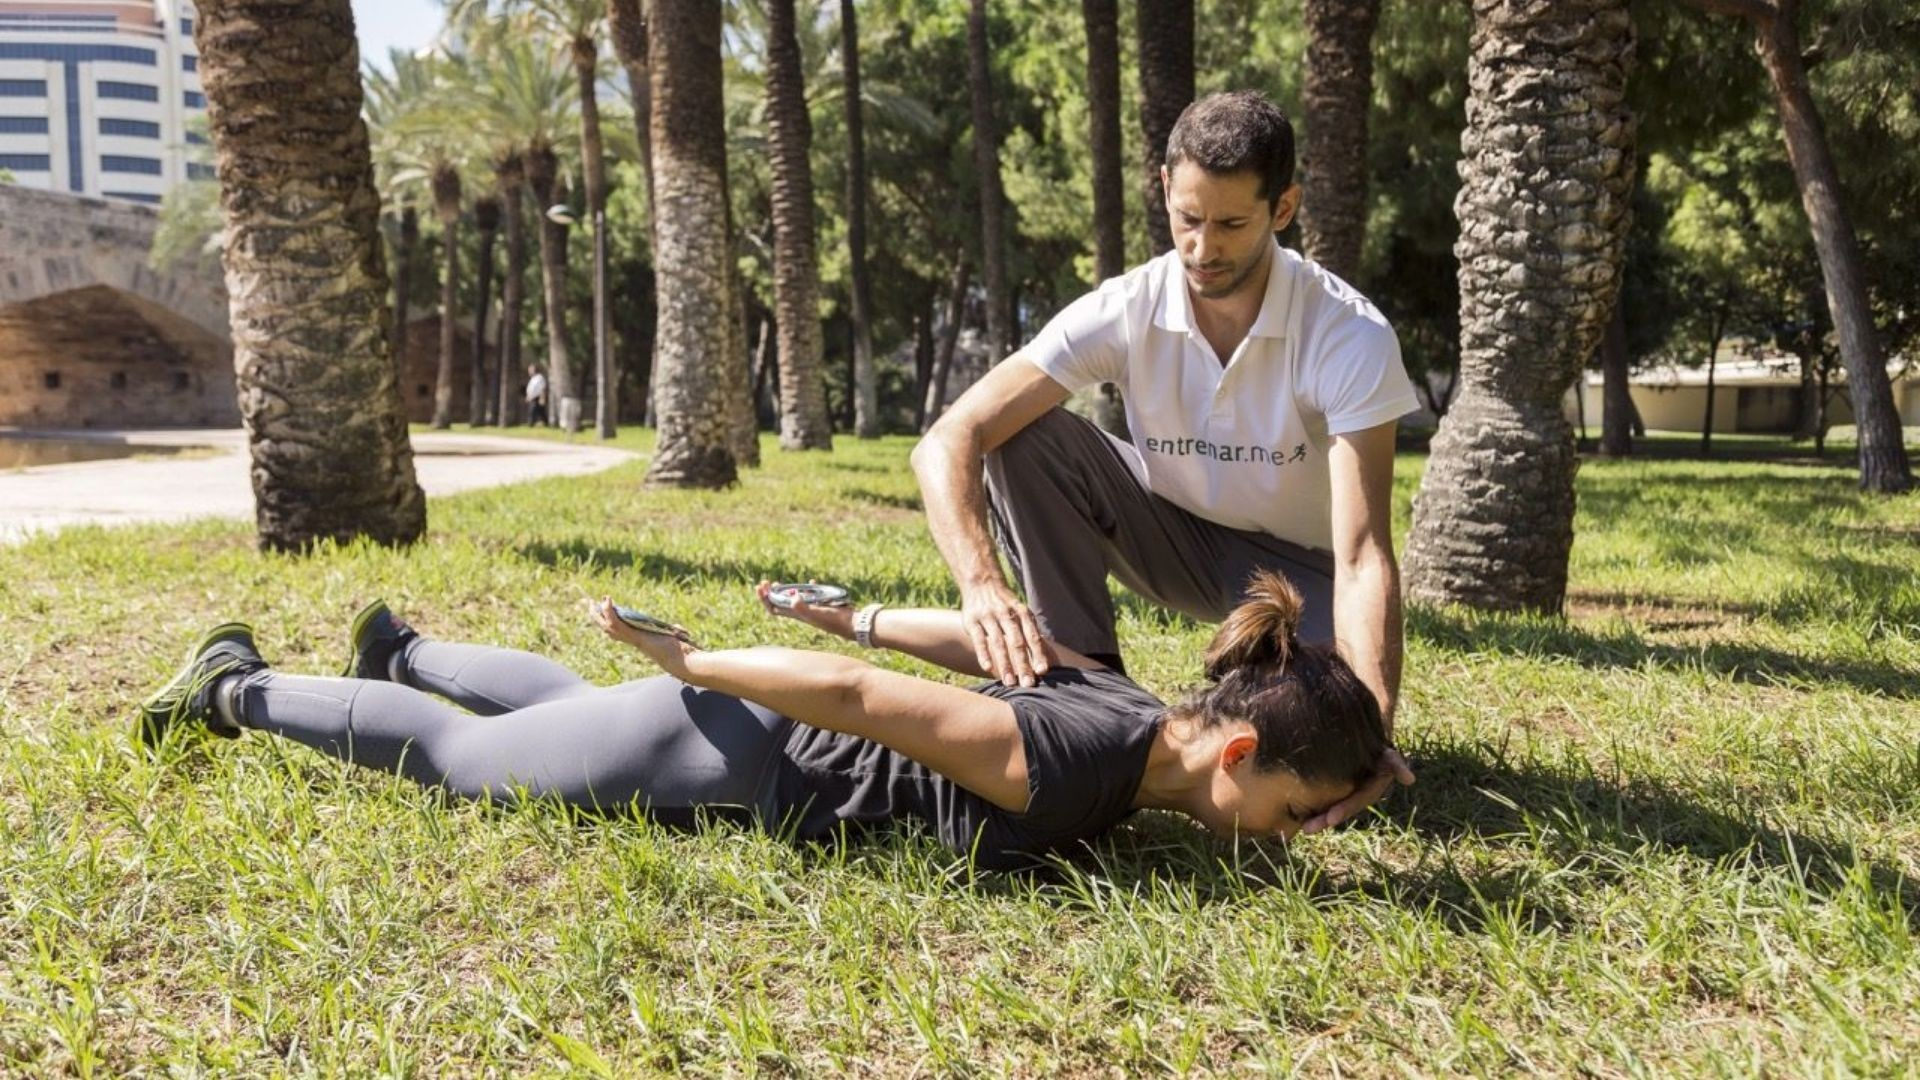 Personal trainer Valencia